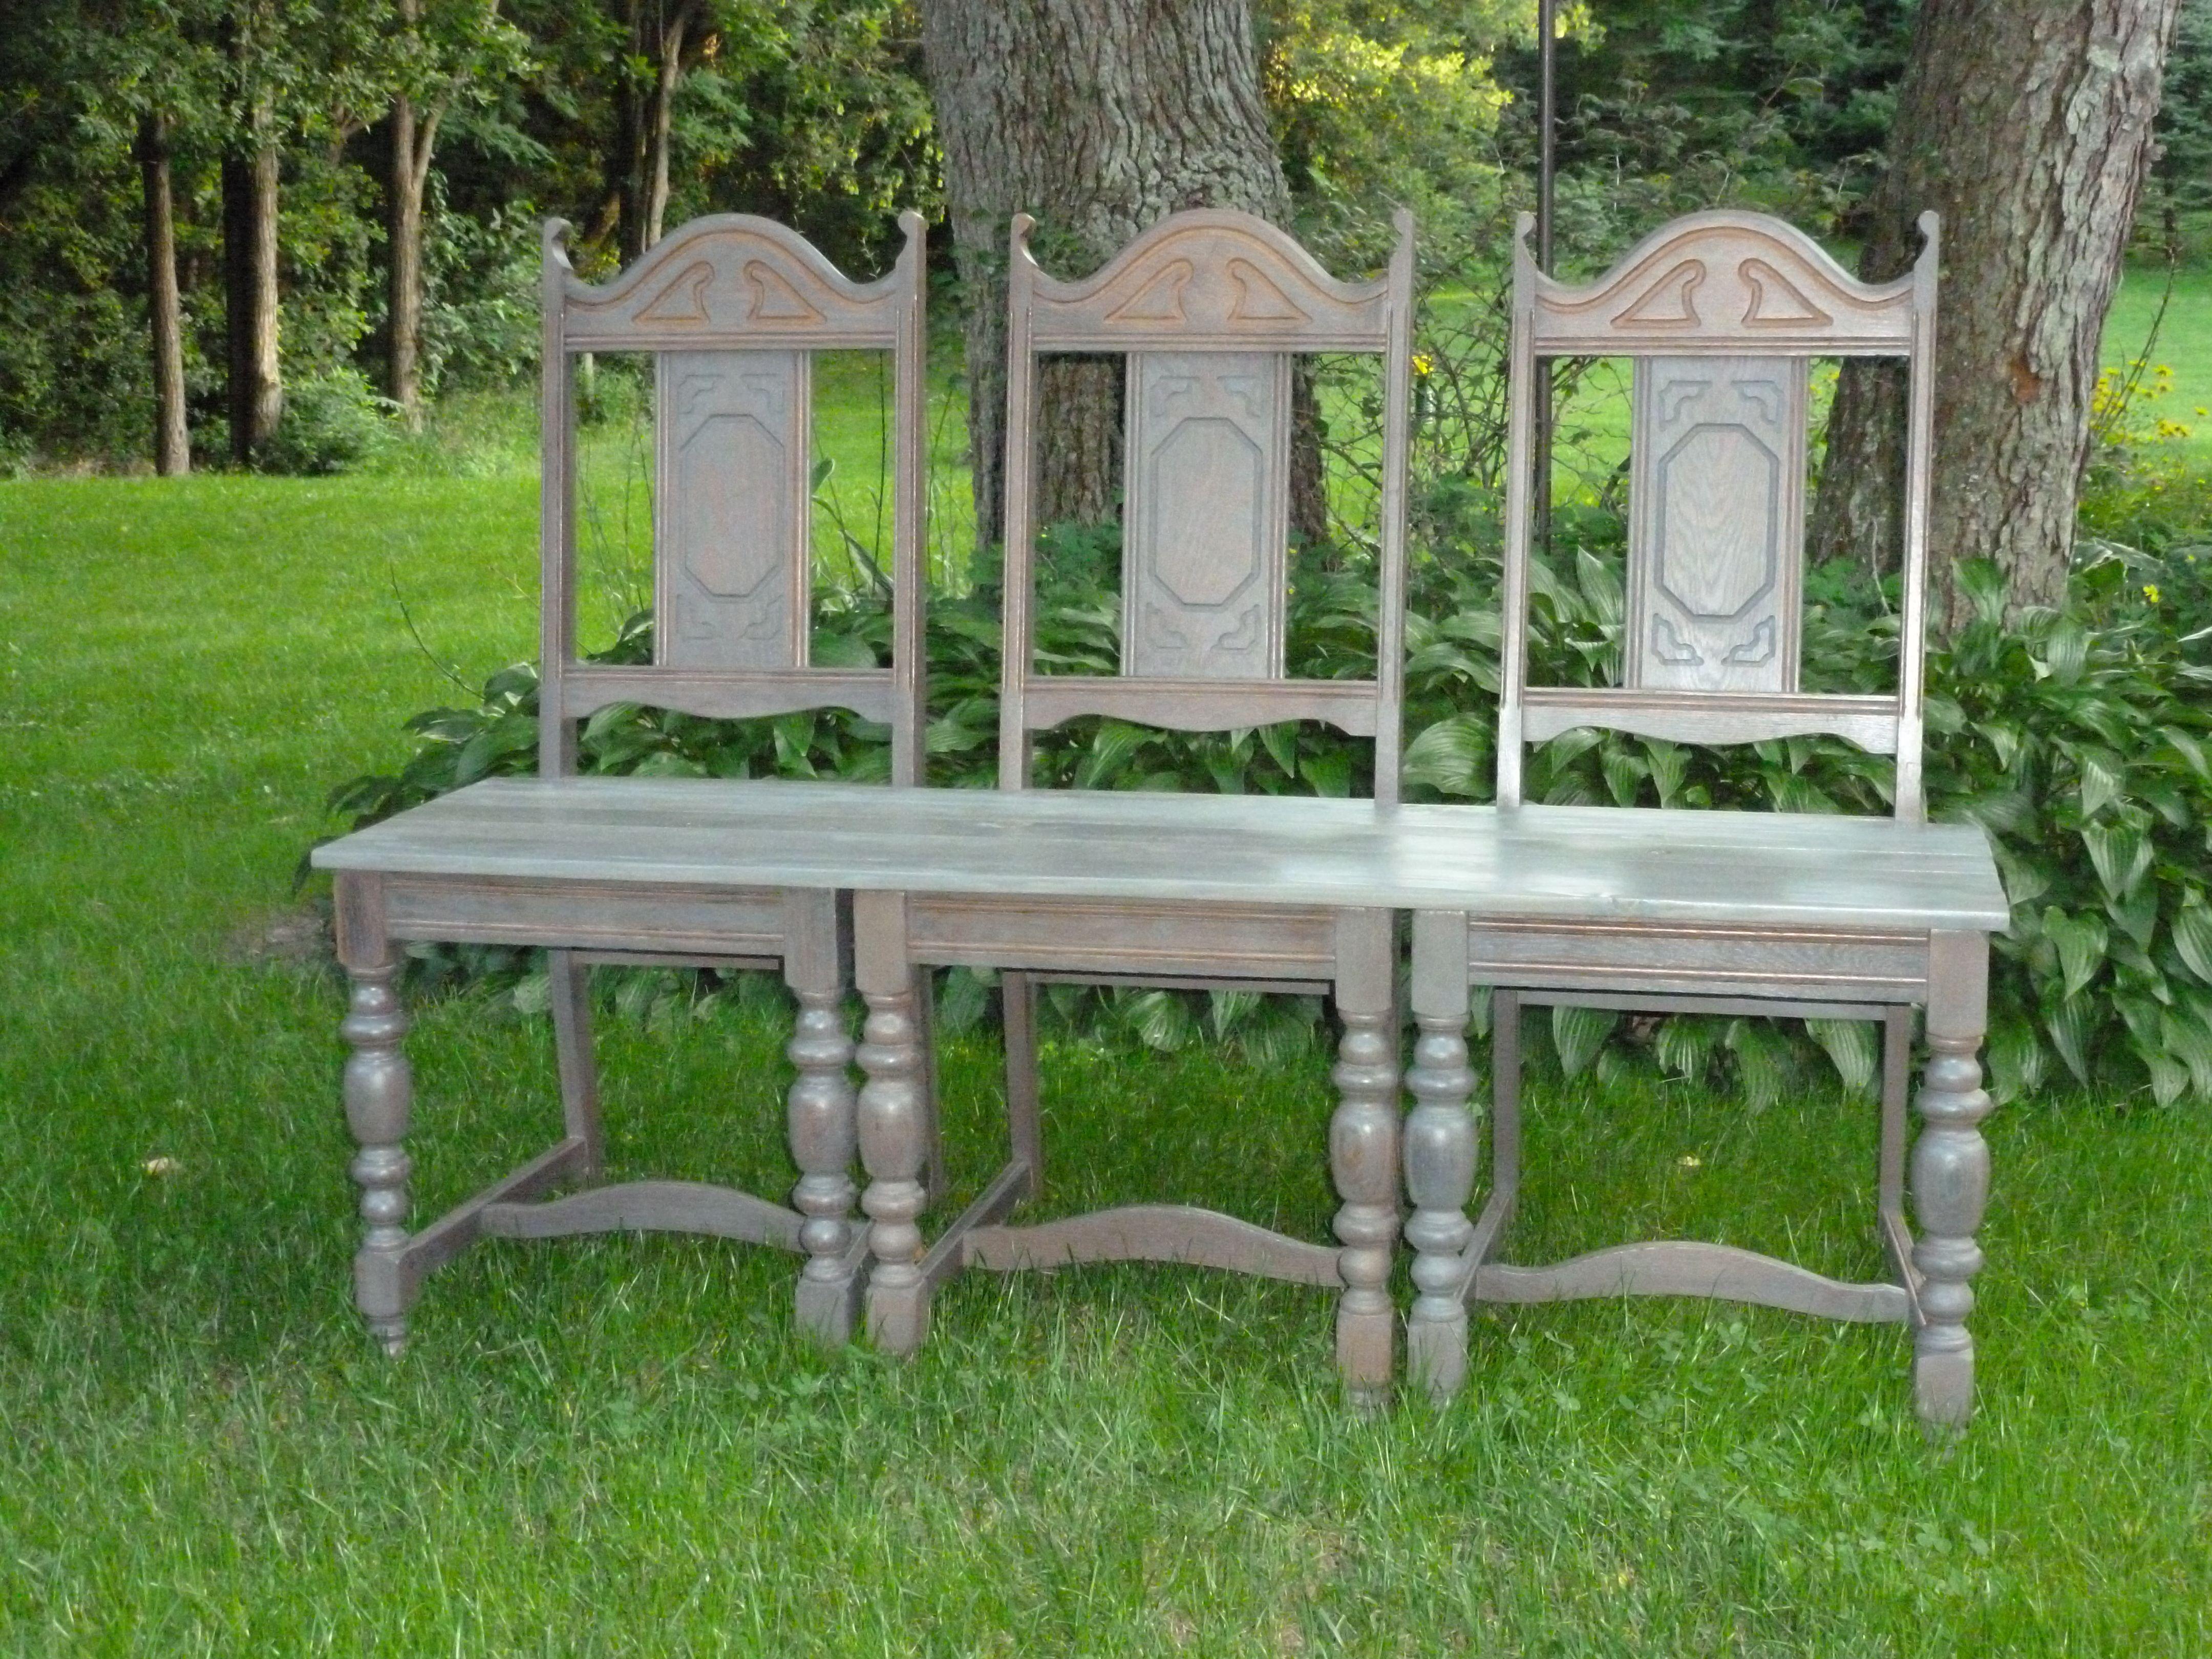 3 chair bench - Diana\'s DIY Den & Treasure Showcase Facebook ...